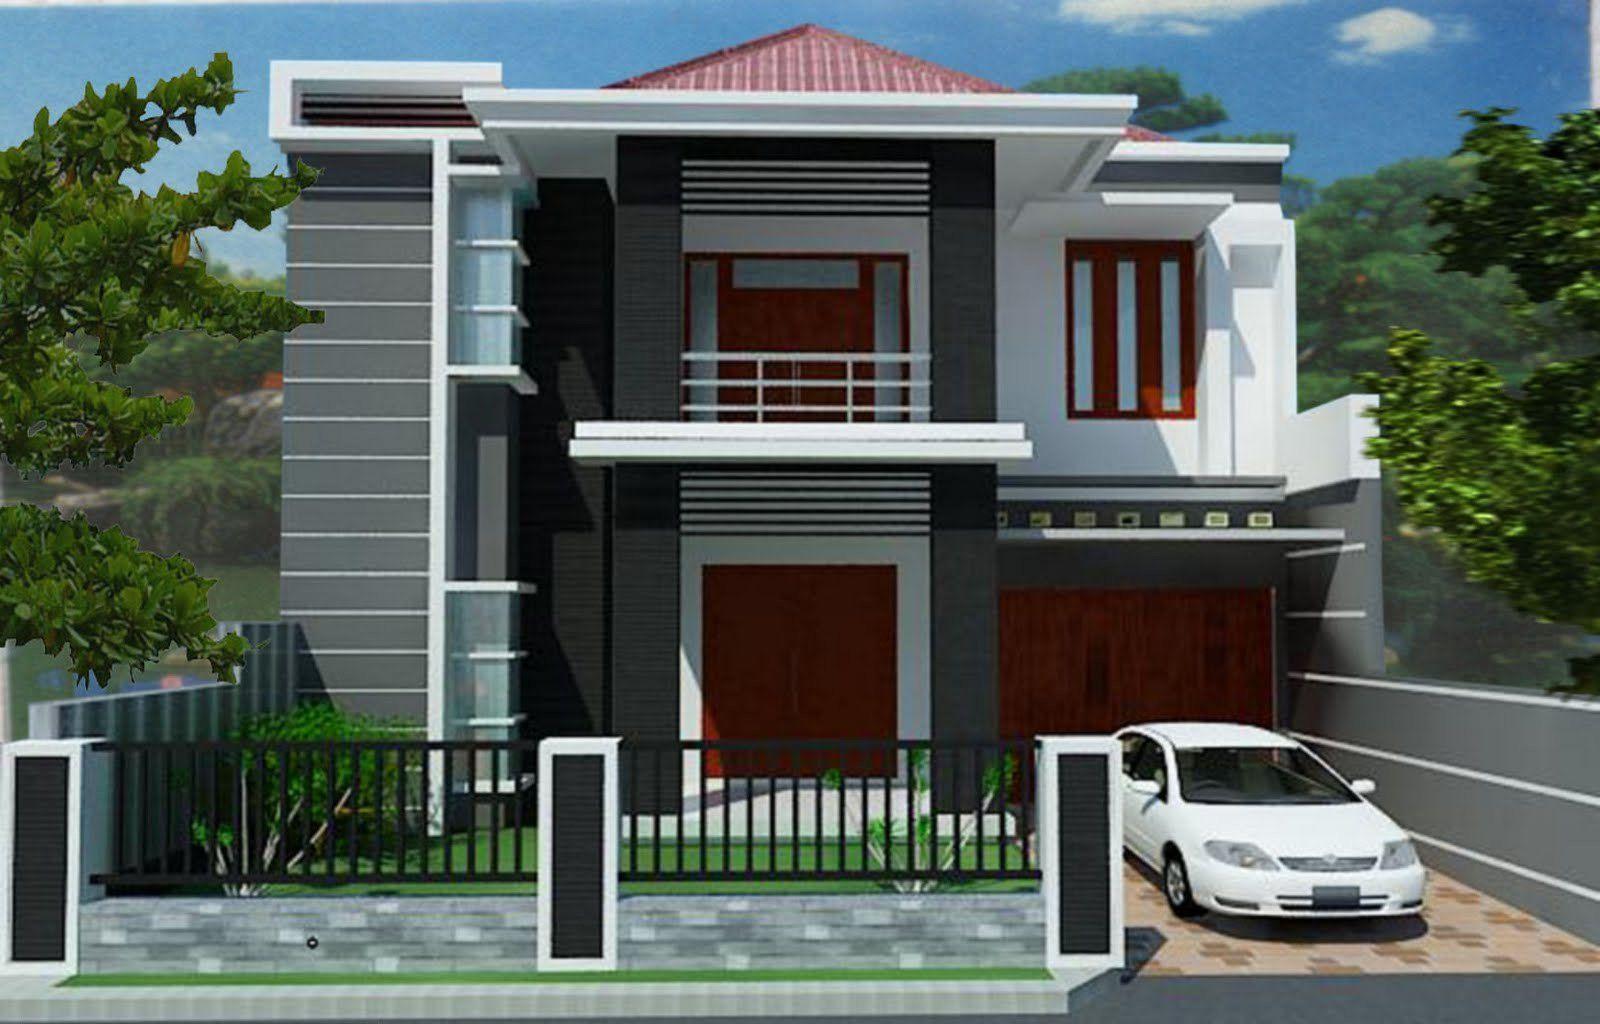 Desain Rumah Minimalis 2 Lantai Terbaru Kumpulan Model Rumah